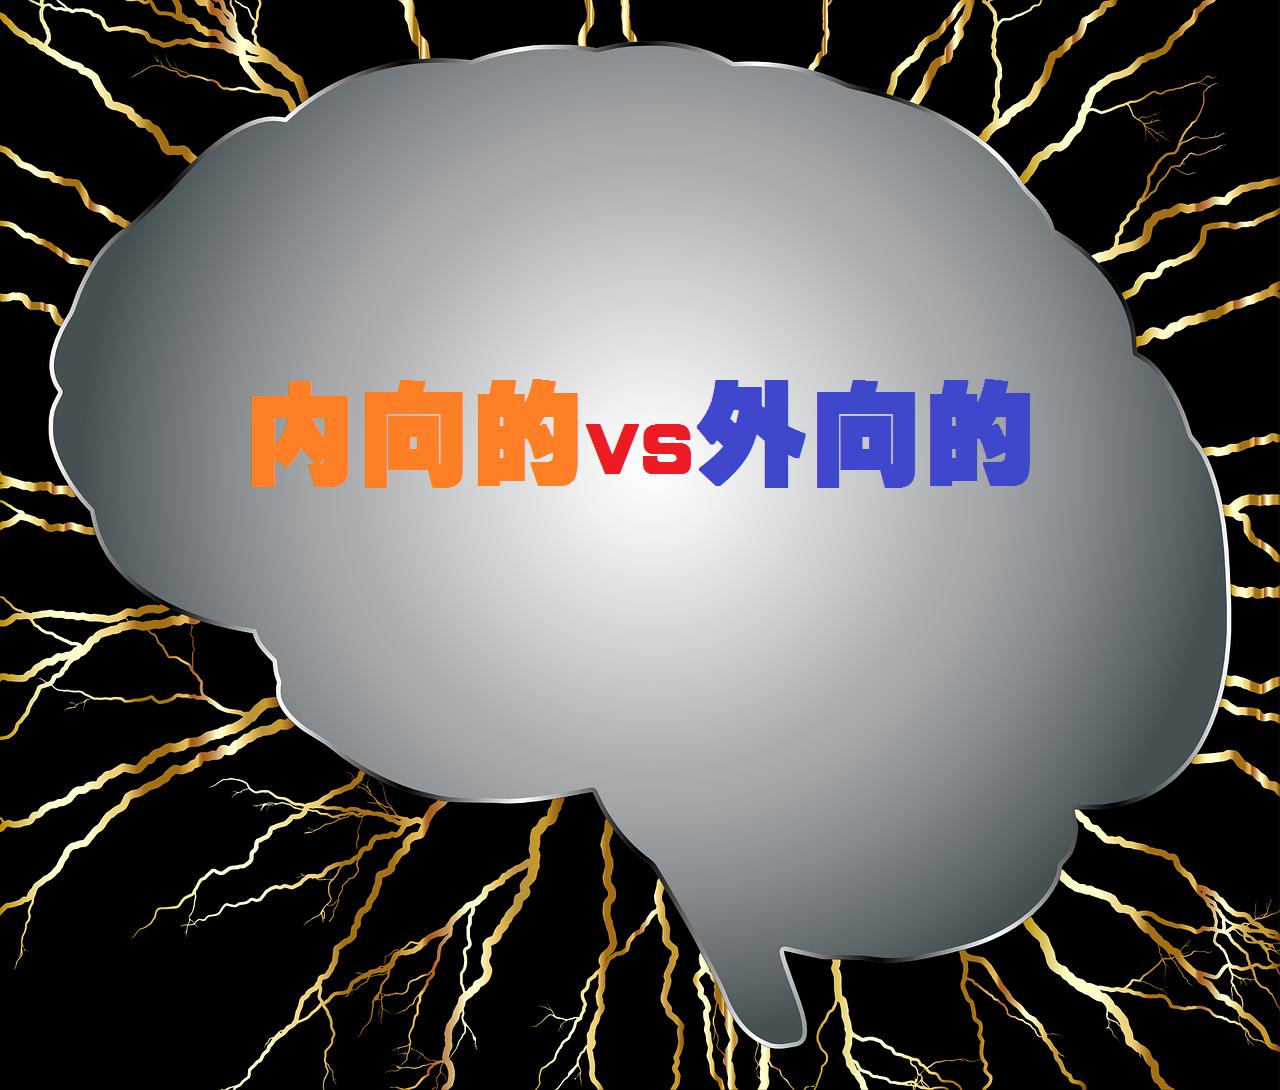 脳の形の吹き出しに「内向的VS外向的」の文字